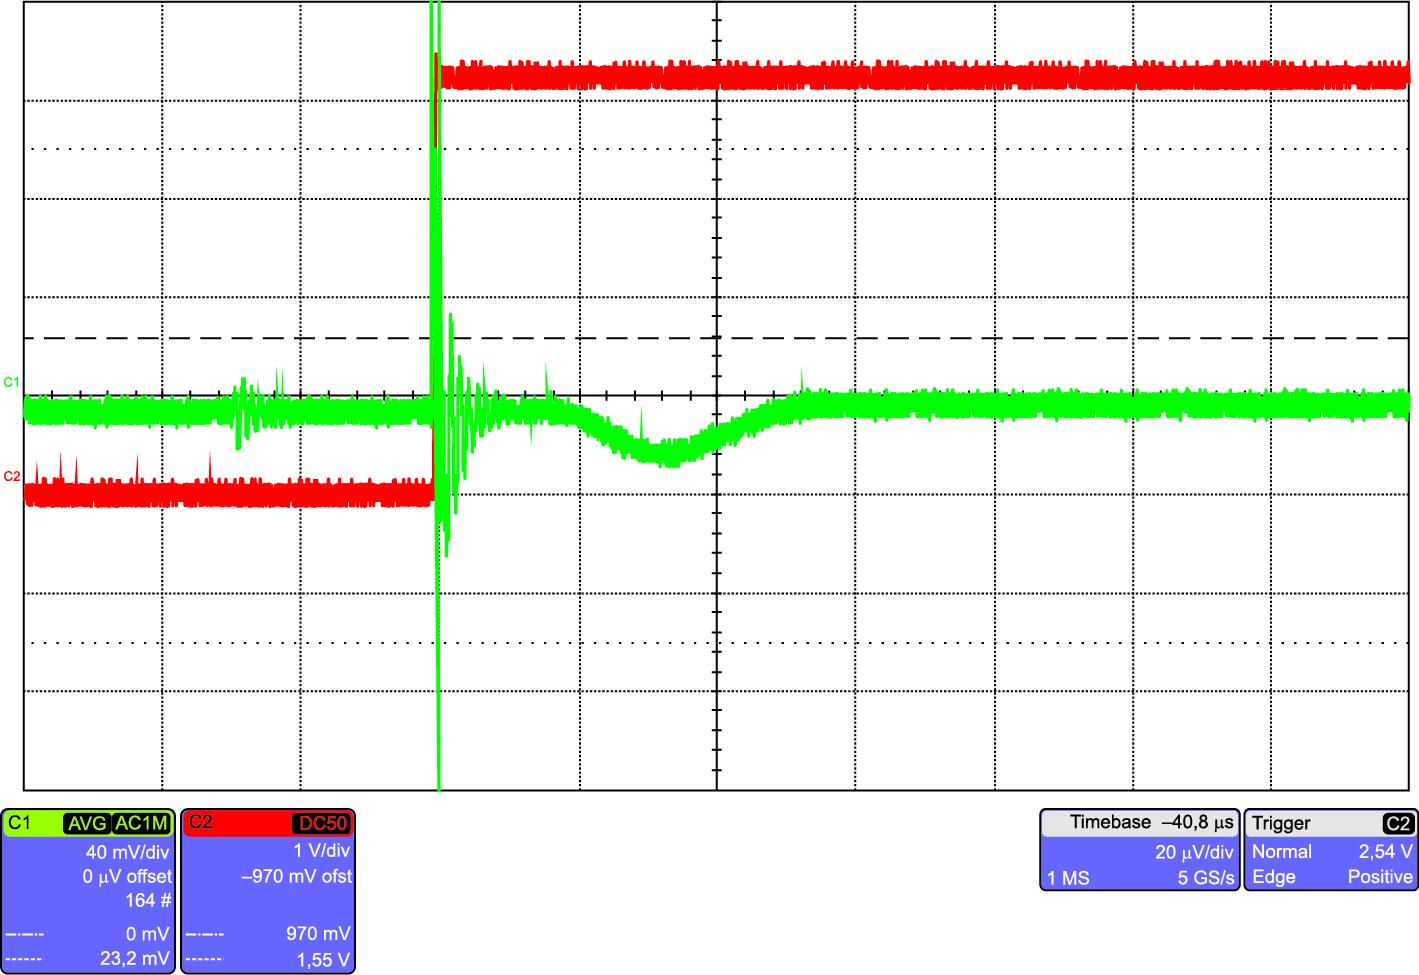 Типовая реакция датчика DVM 4000 на синфазную помеху с dv/dt = 6 кВ/мкс (напряжение 4200 В): всего лишь 0,5% от VPN со временем восстановления менее 50 мкс